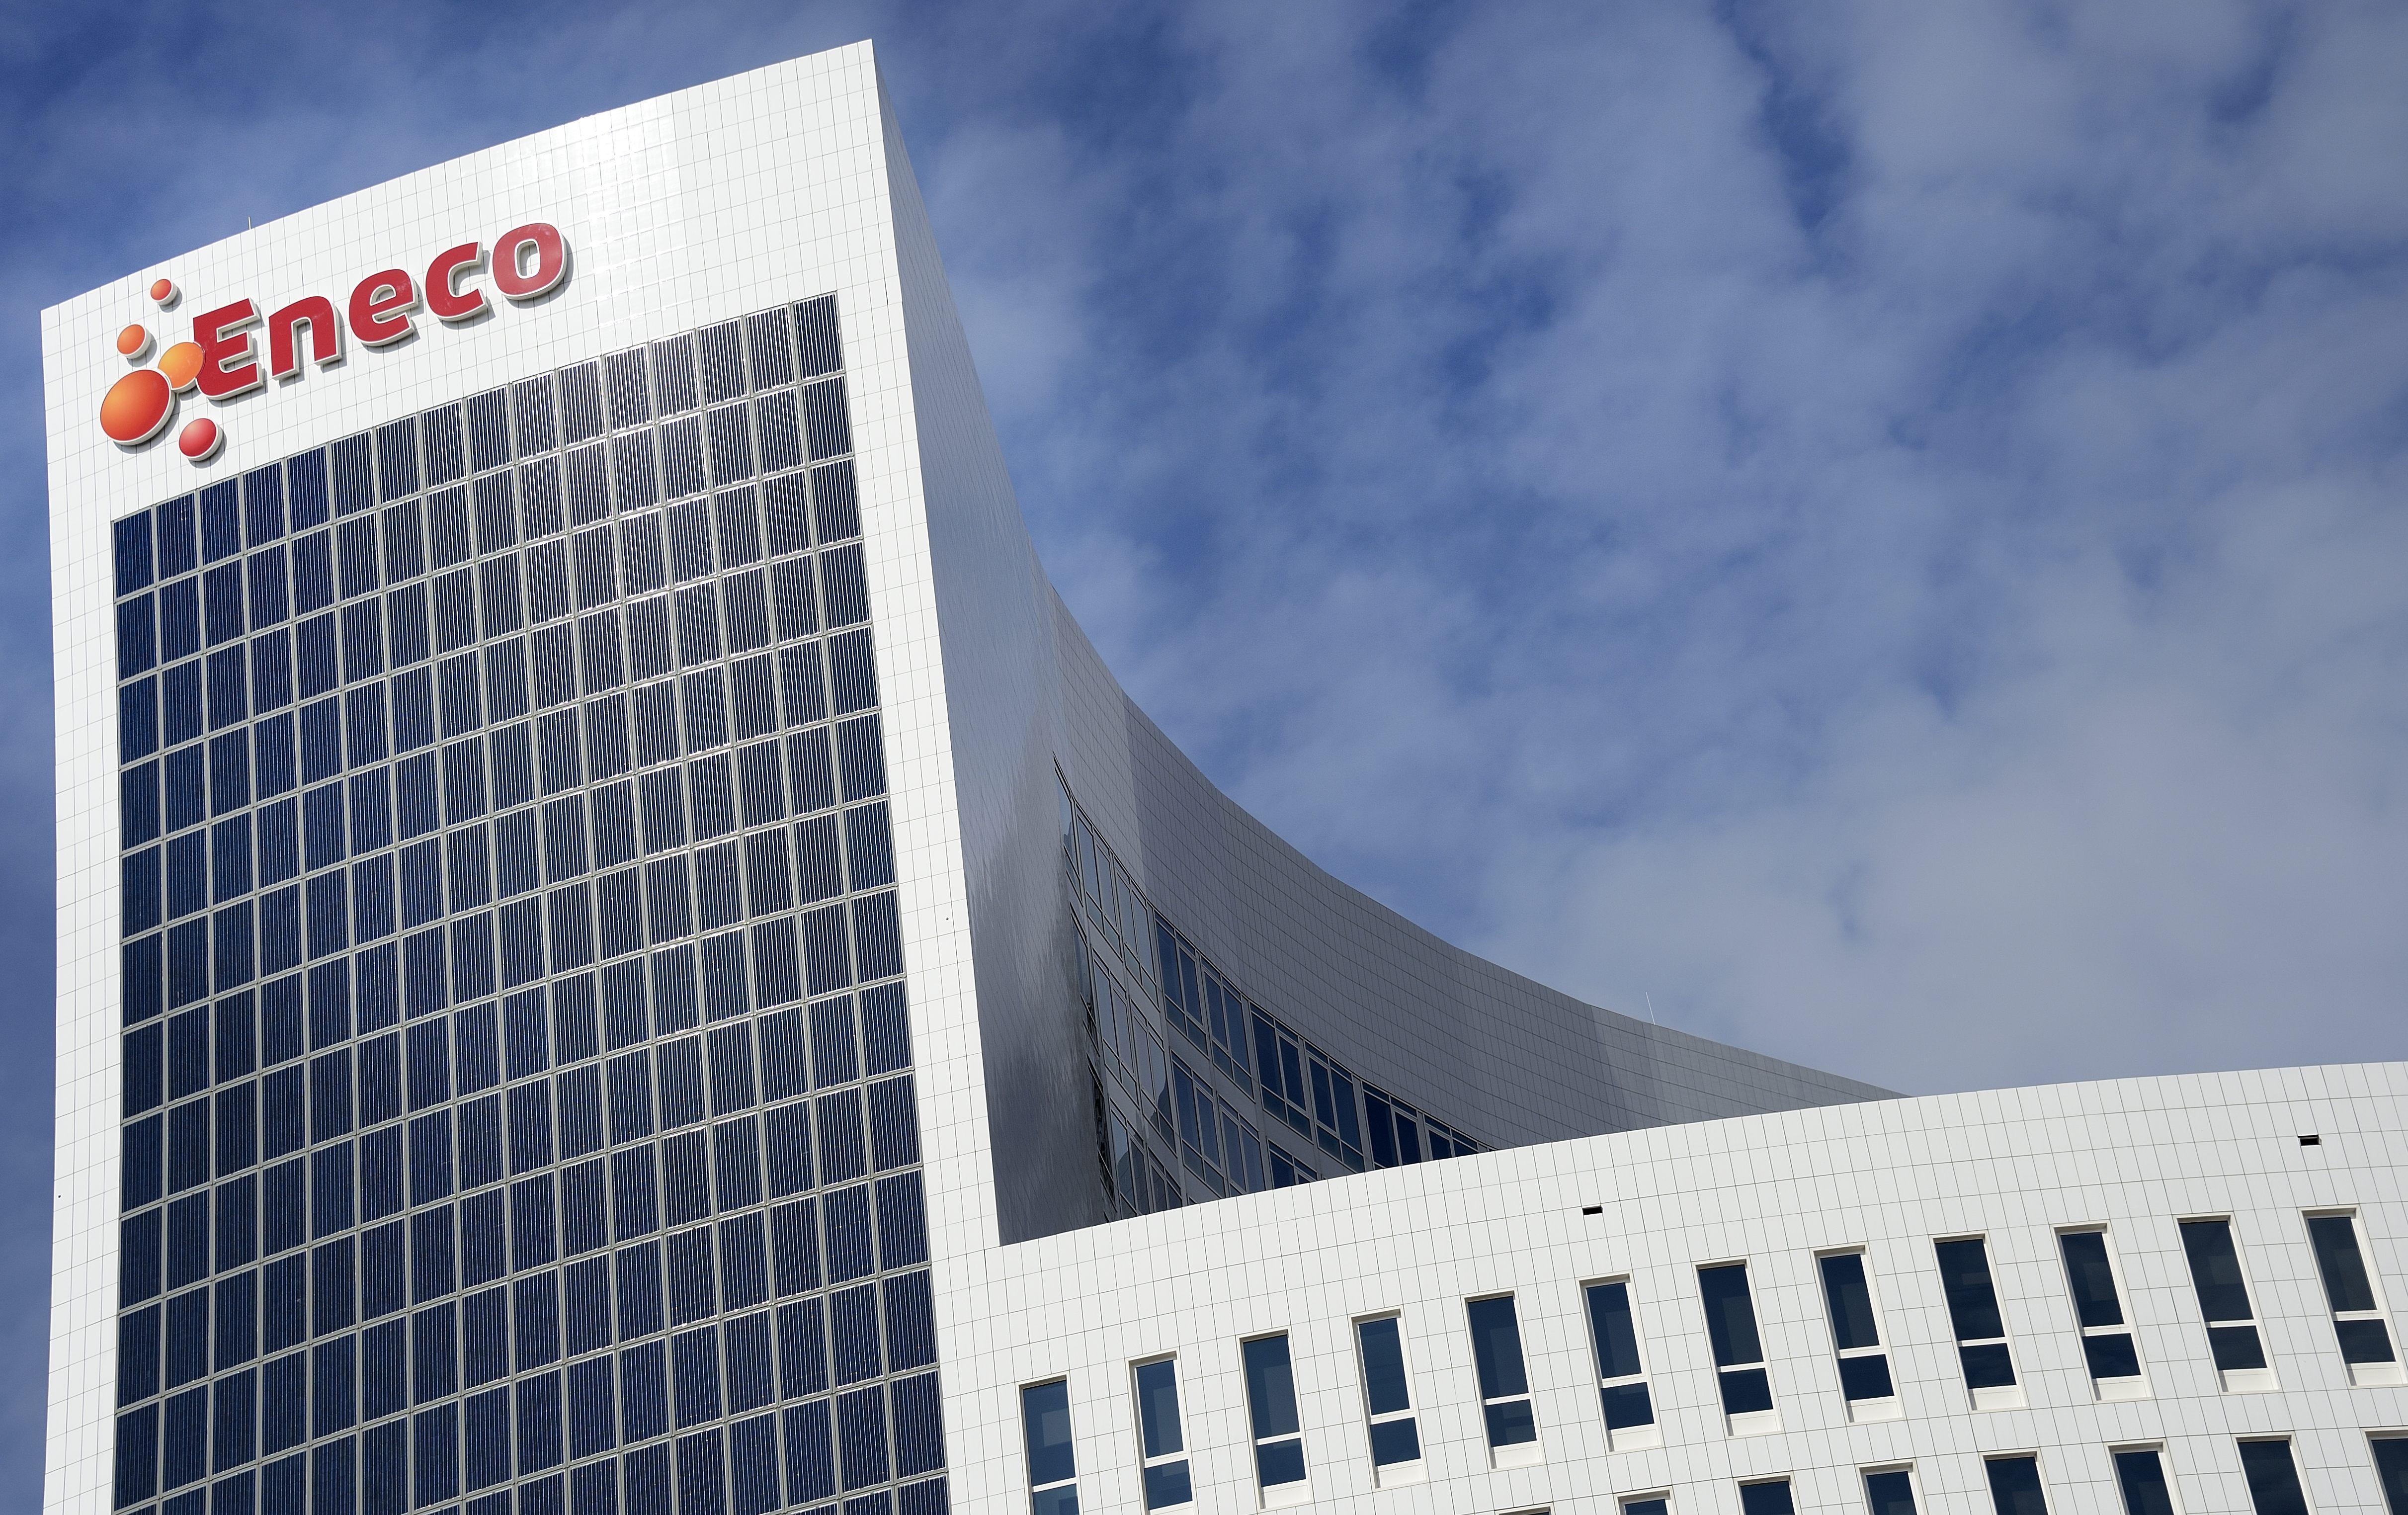 Gemeenten verdienen miljoenen aan Eneco, ook Castricum heeft aandelen